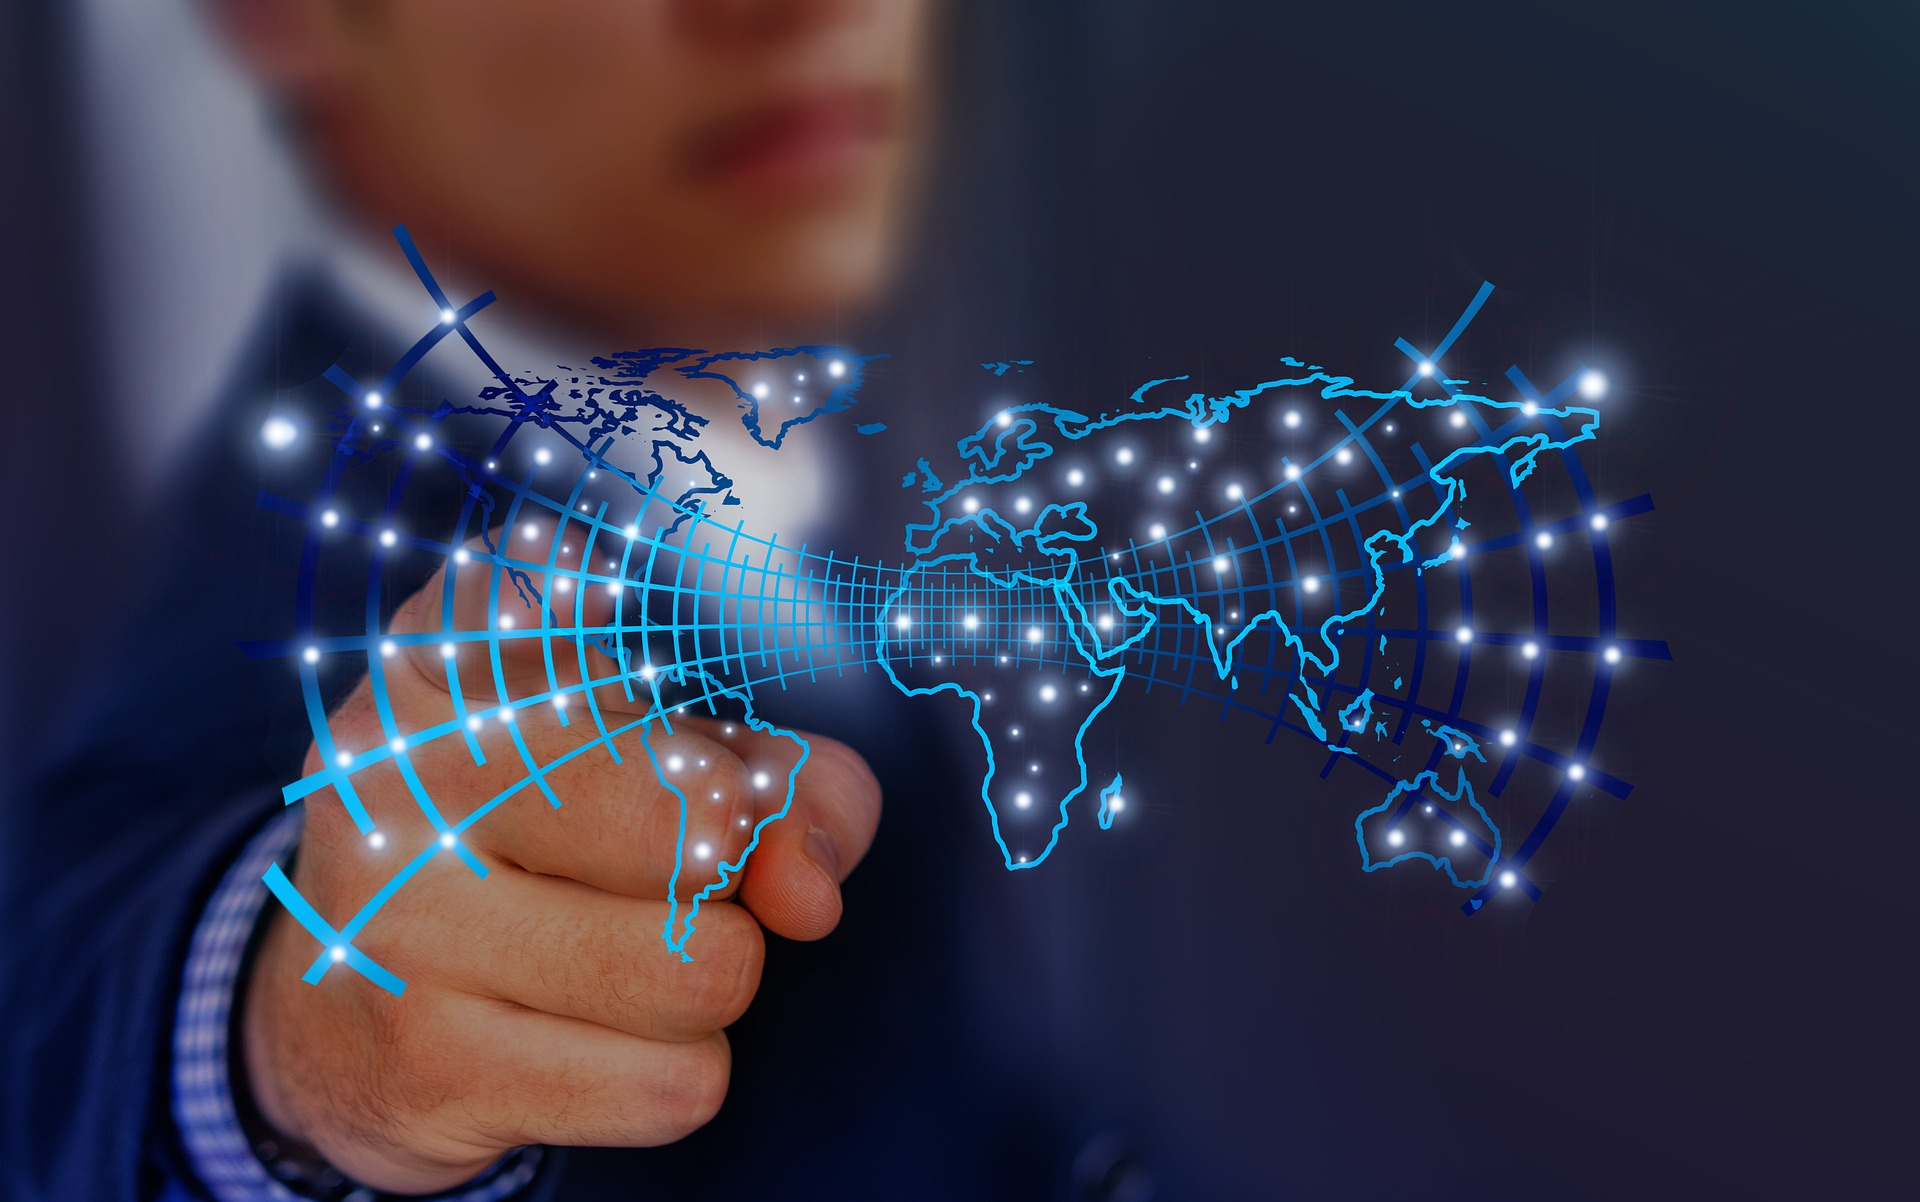 E-ihracat, yapay zeka kullanma ile desteklenerek gelişmekte ve yeniliklerle kolaylaşmaktadır.